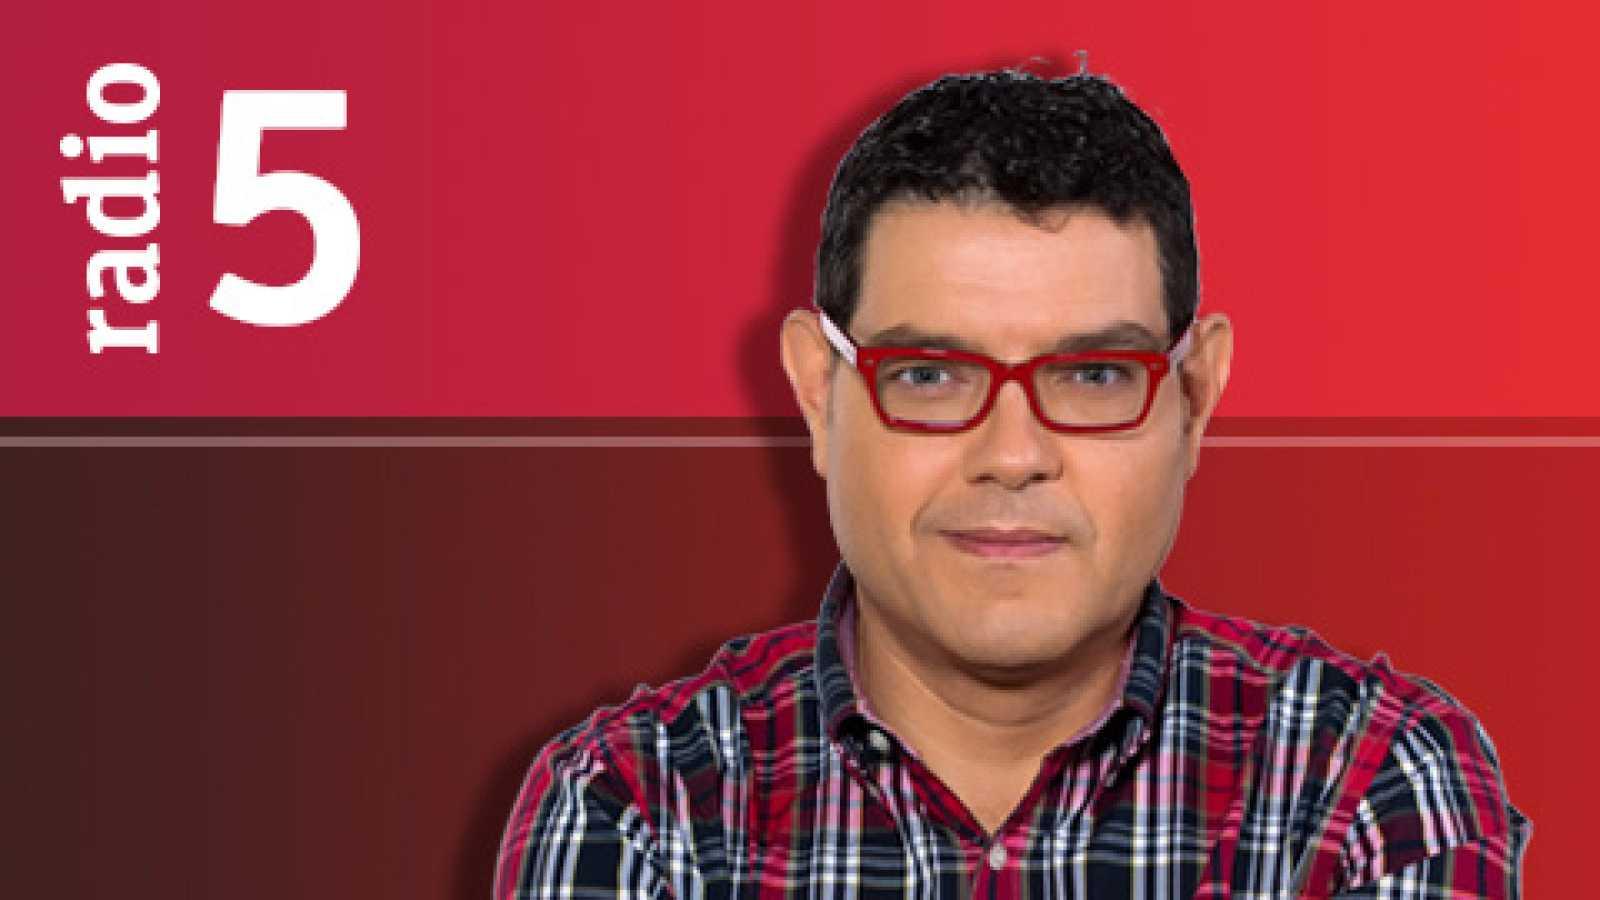 La entrevista de Radio 5 - Javier Ruperez - 06/10/20